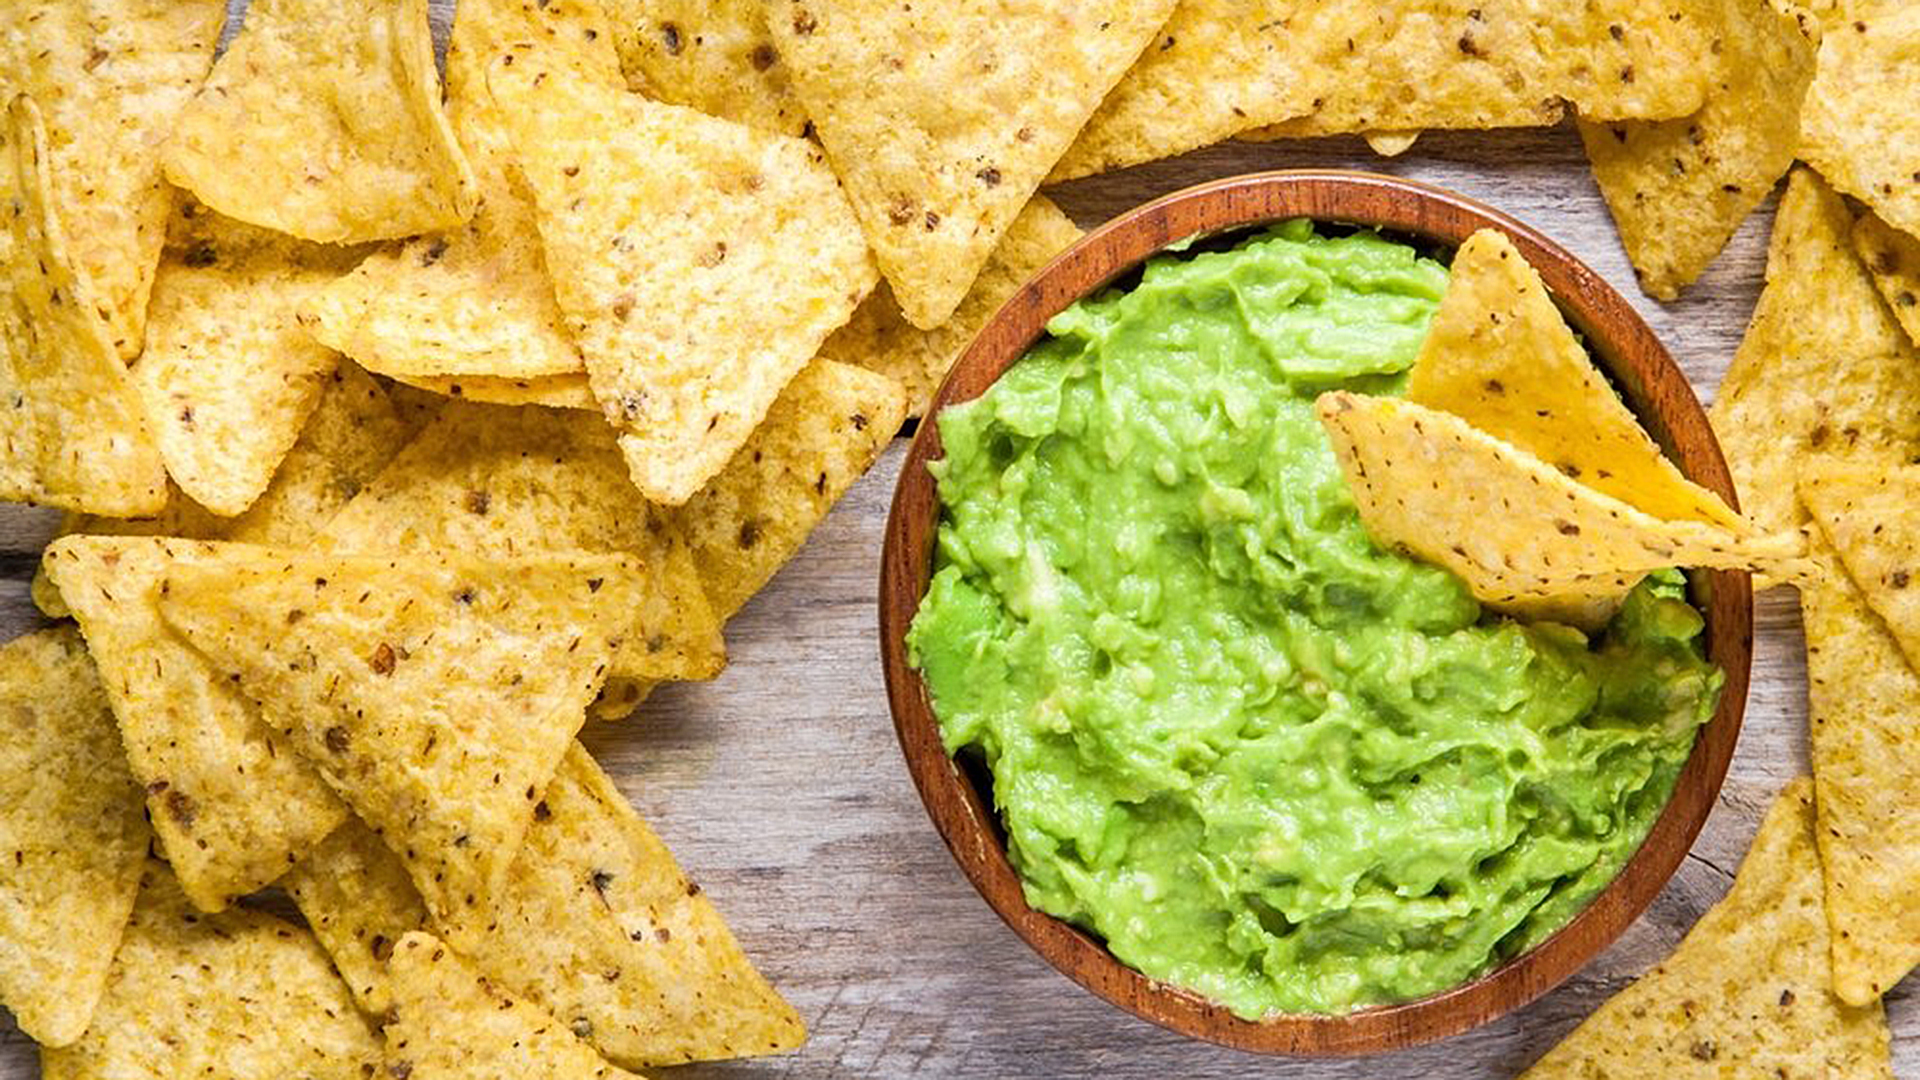 guacamole tease today 160906_2cf00769f0c82607912dfda929bef716